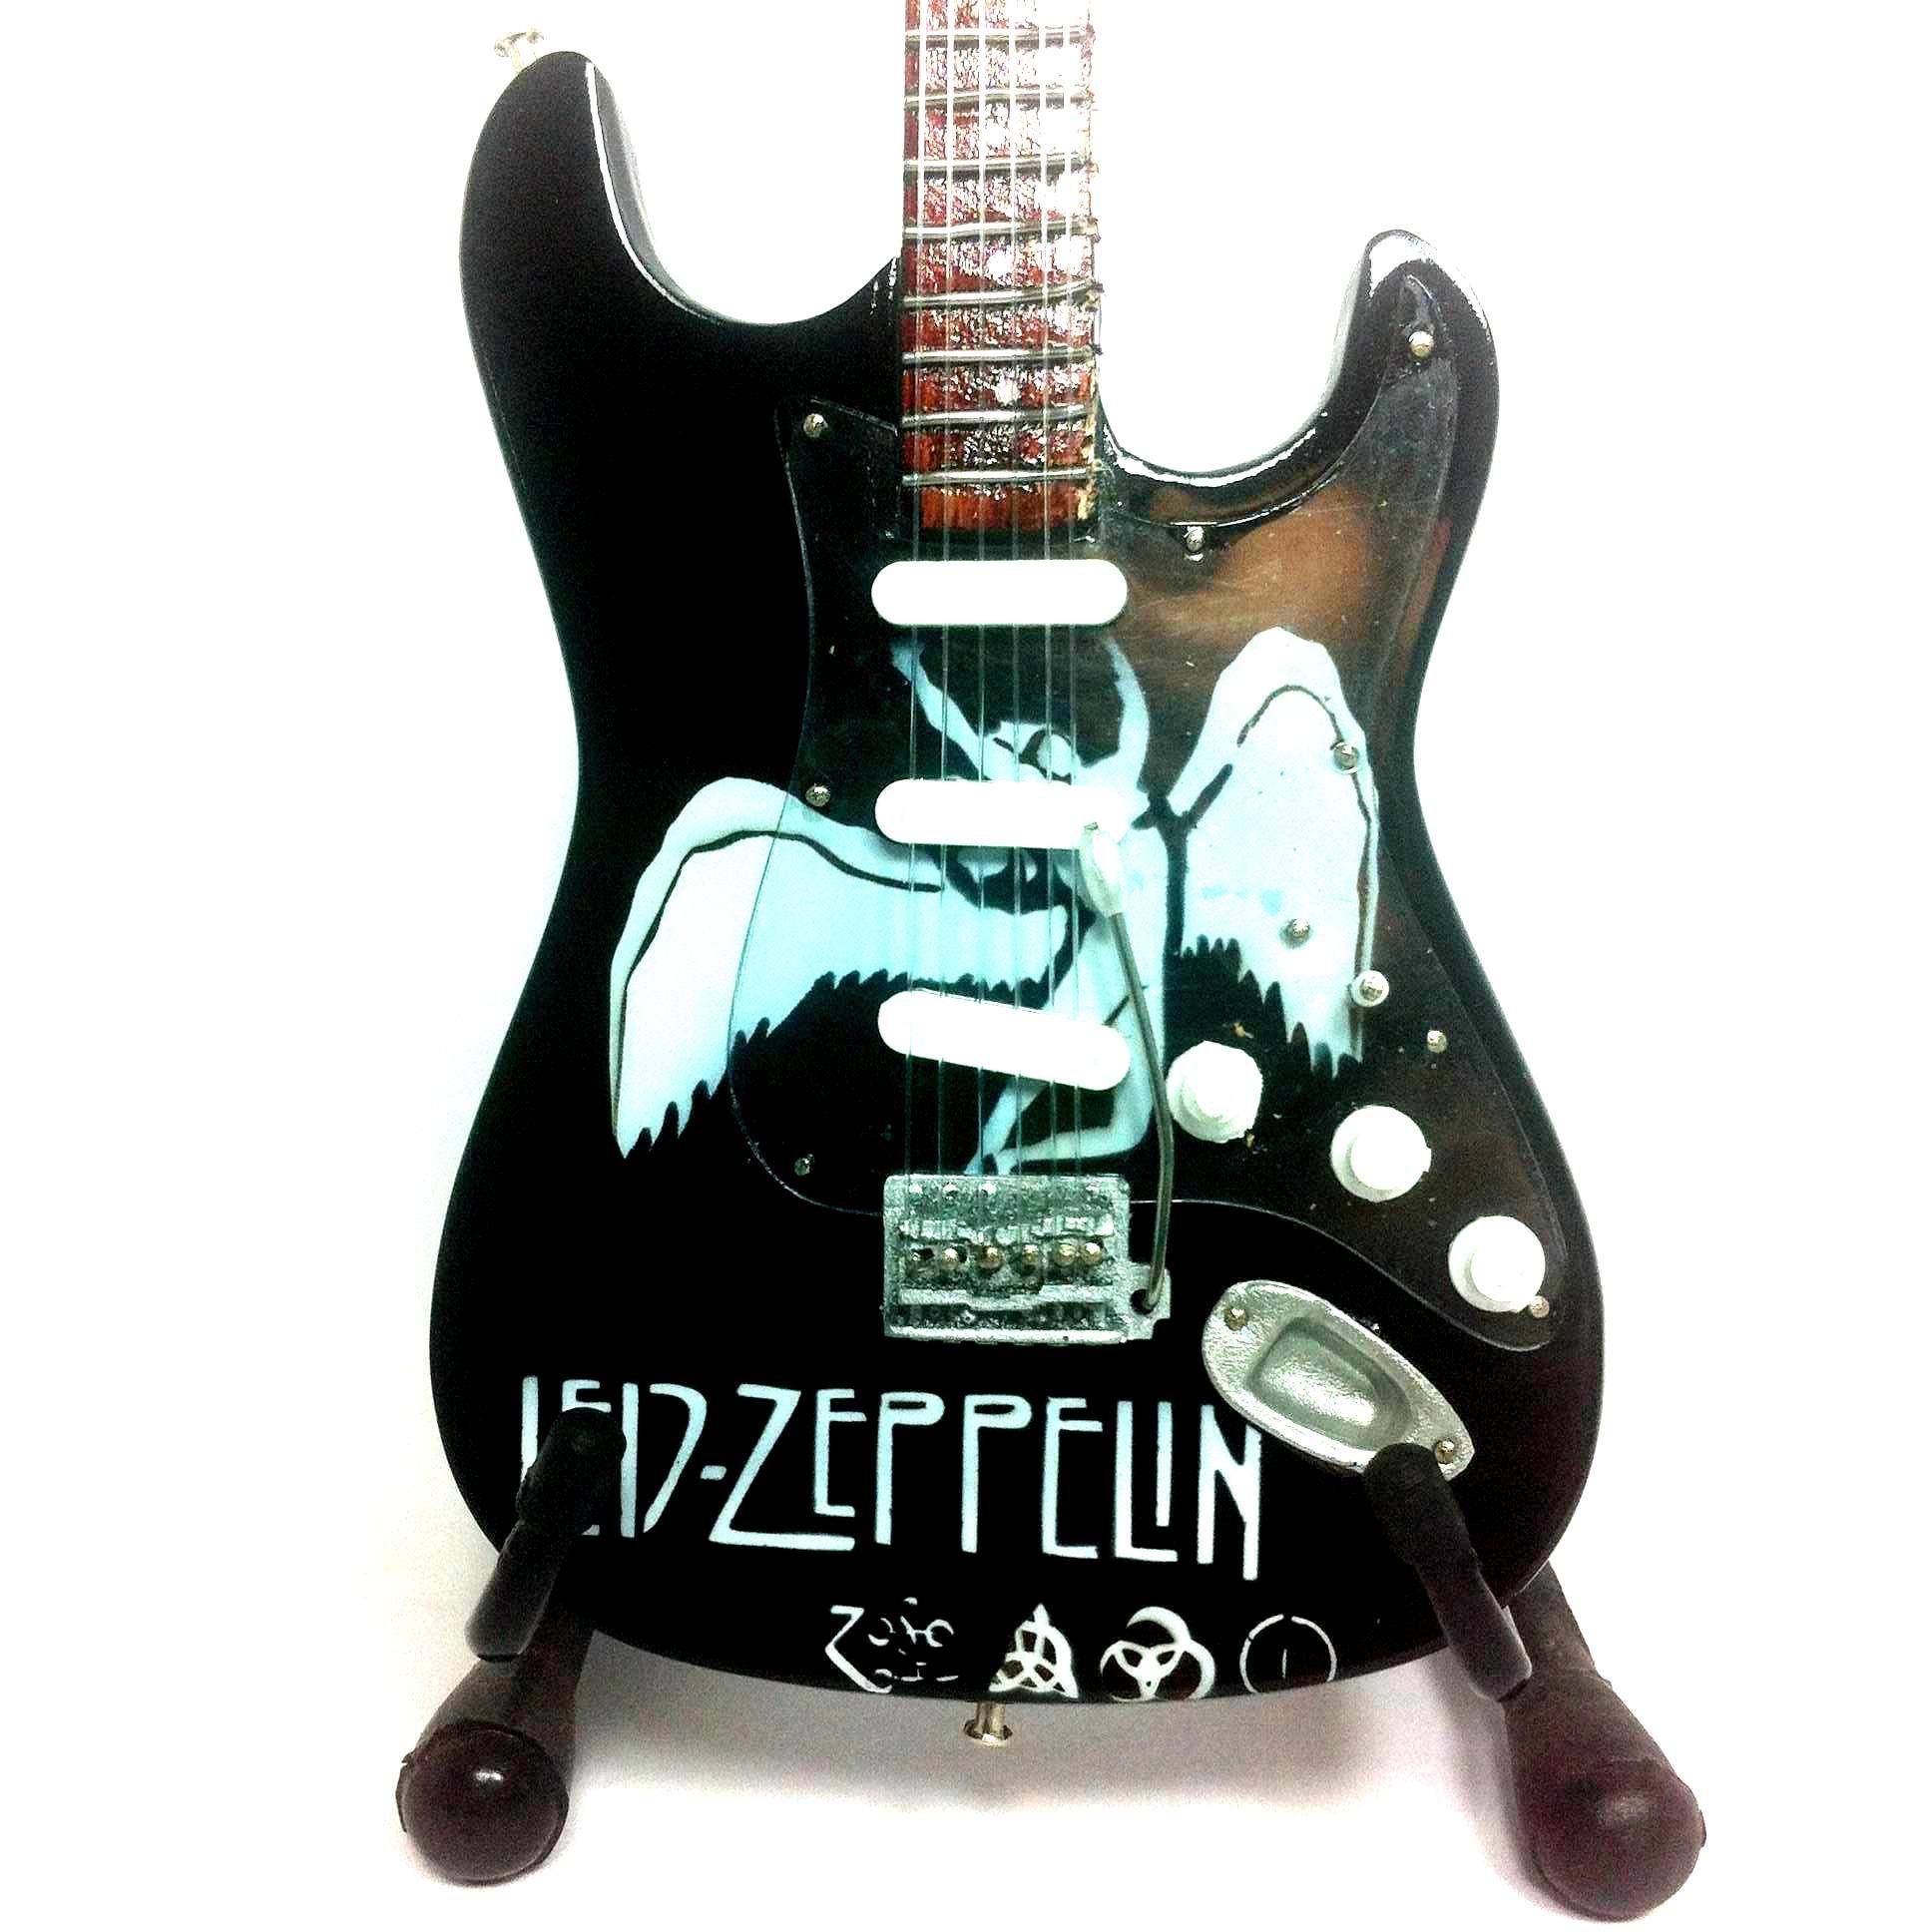 Led Zeppelin Gibson Black Angel